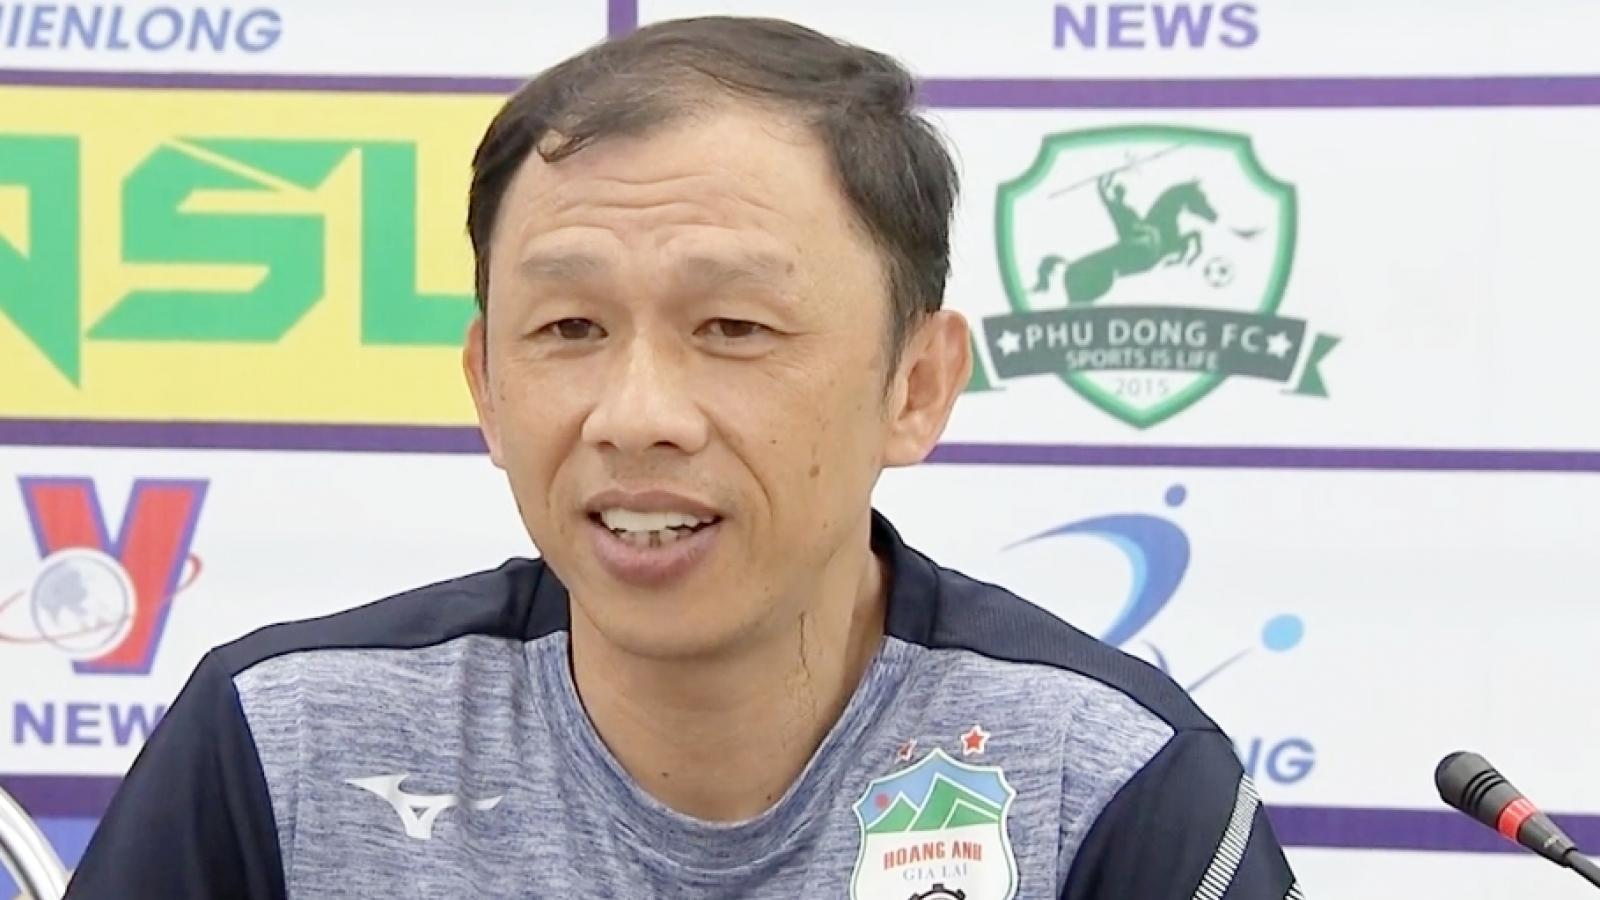 HAGL thua 2-3 Đà Nẵng, trợ lý Dương Minh Ninh vẫn tự hào về điều này